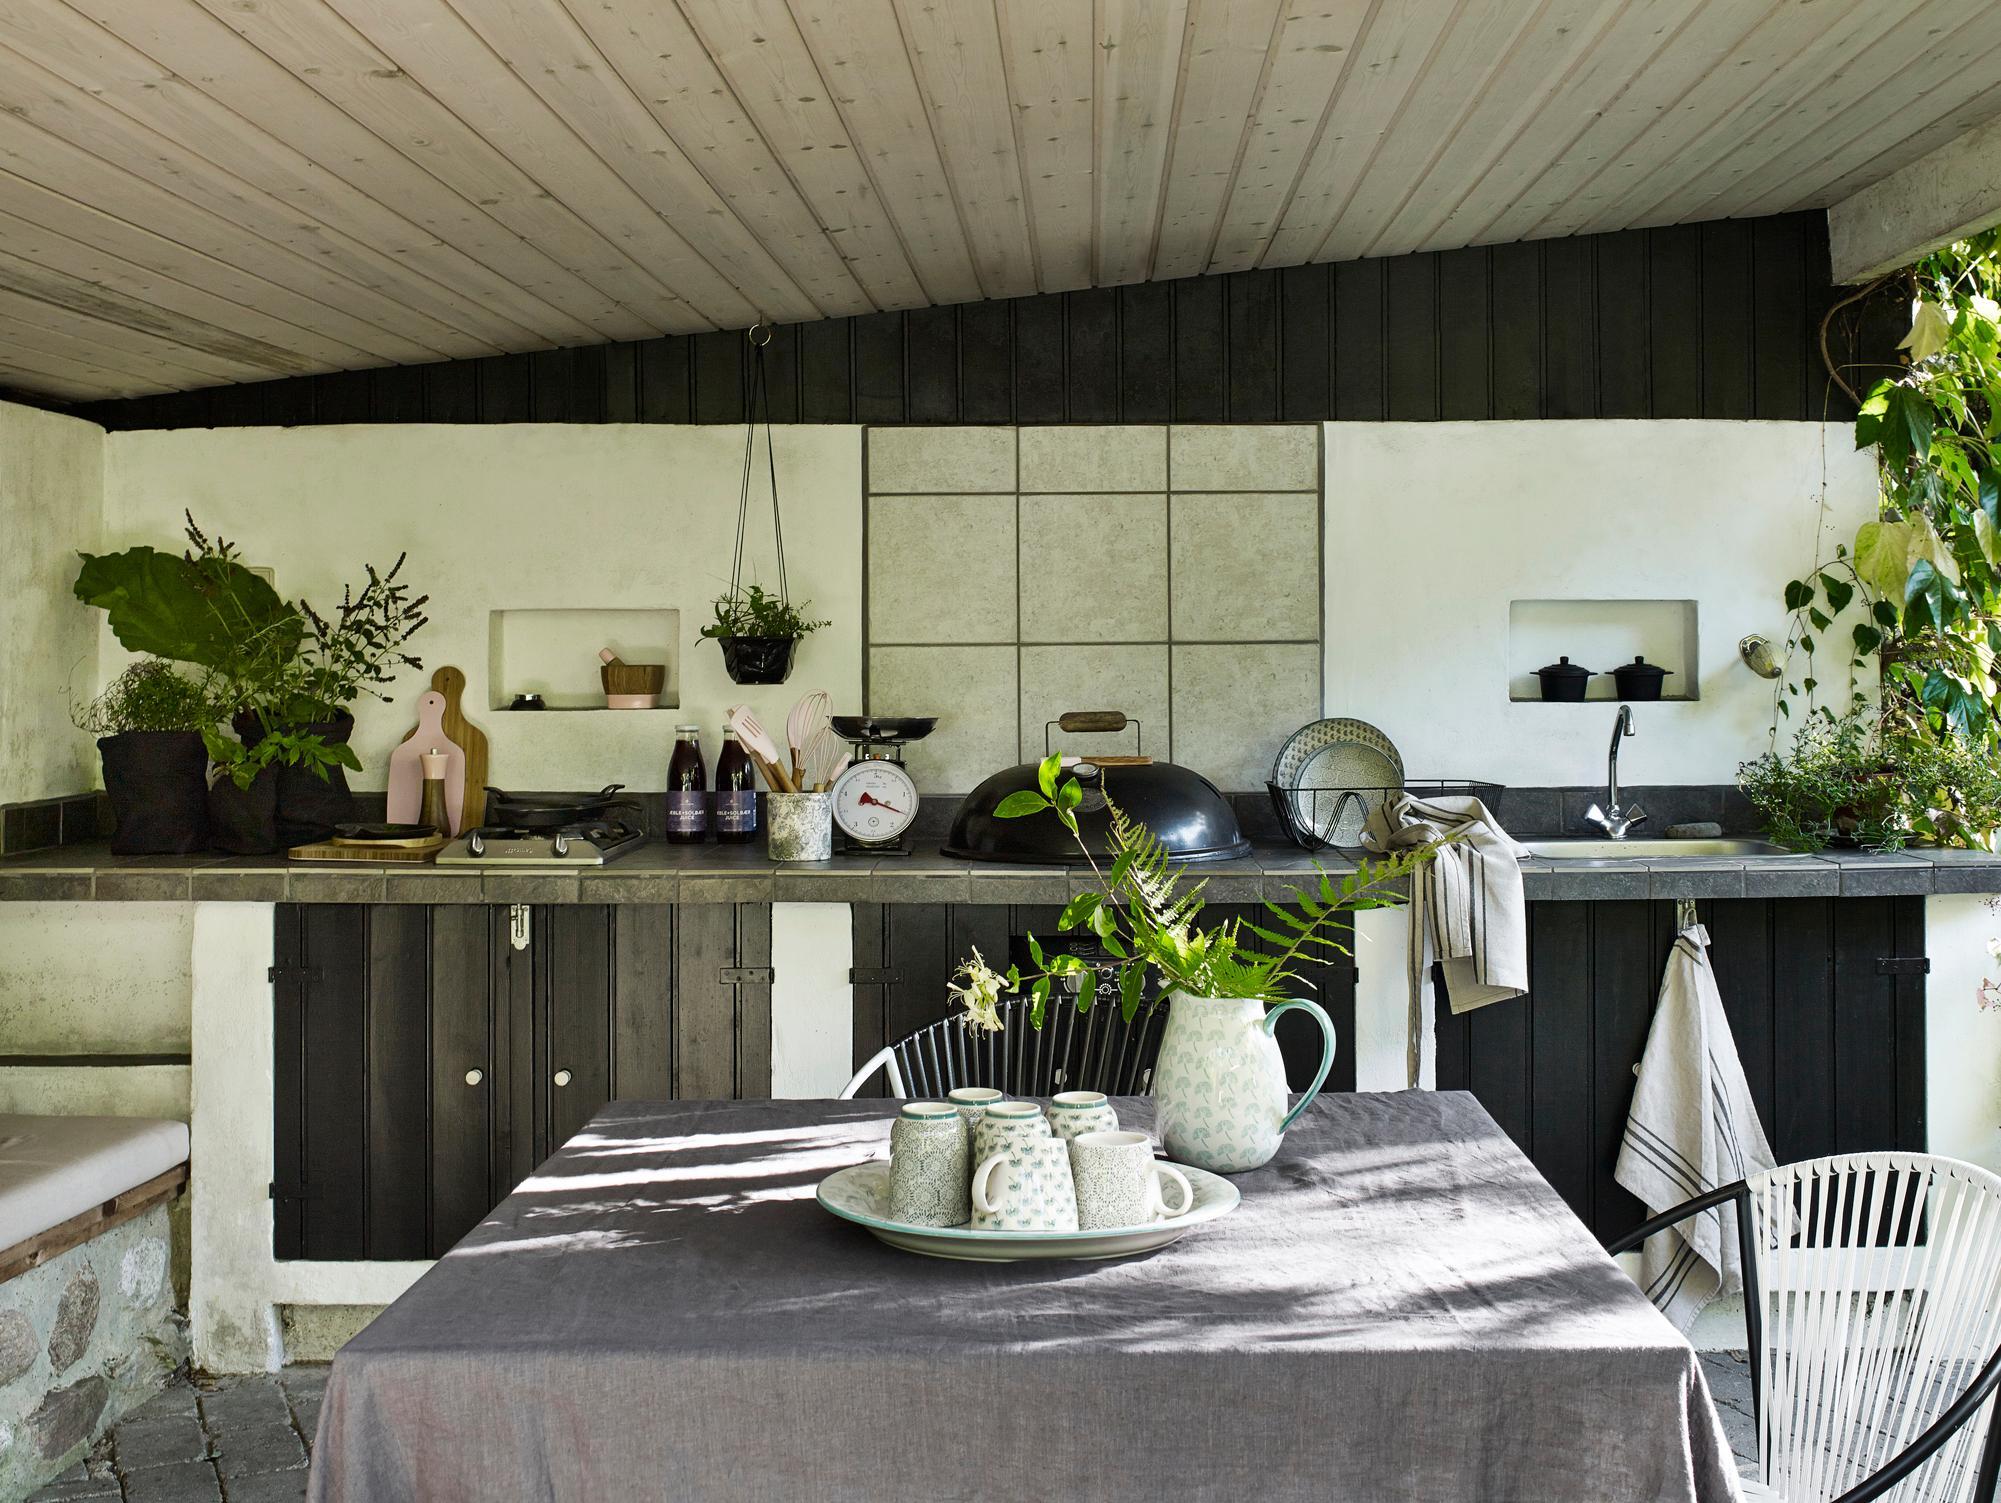 Küche In Naturtönen Gestalten #stuhl #küche #holzdecke #küchenschrank  #weißerstuhl #tisch